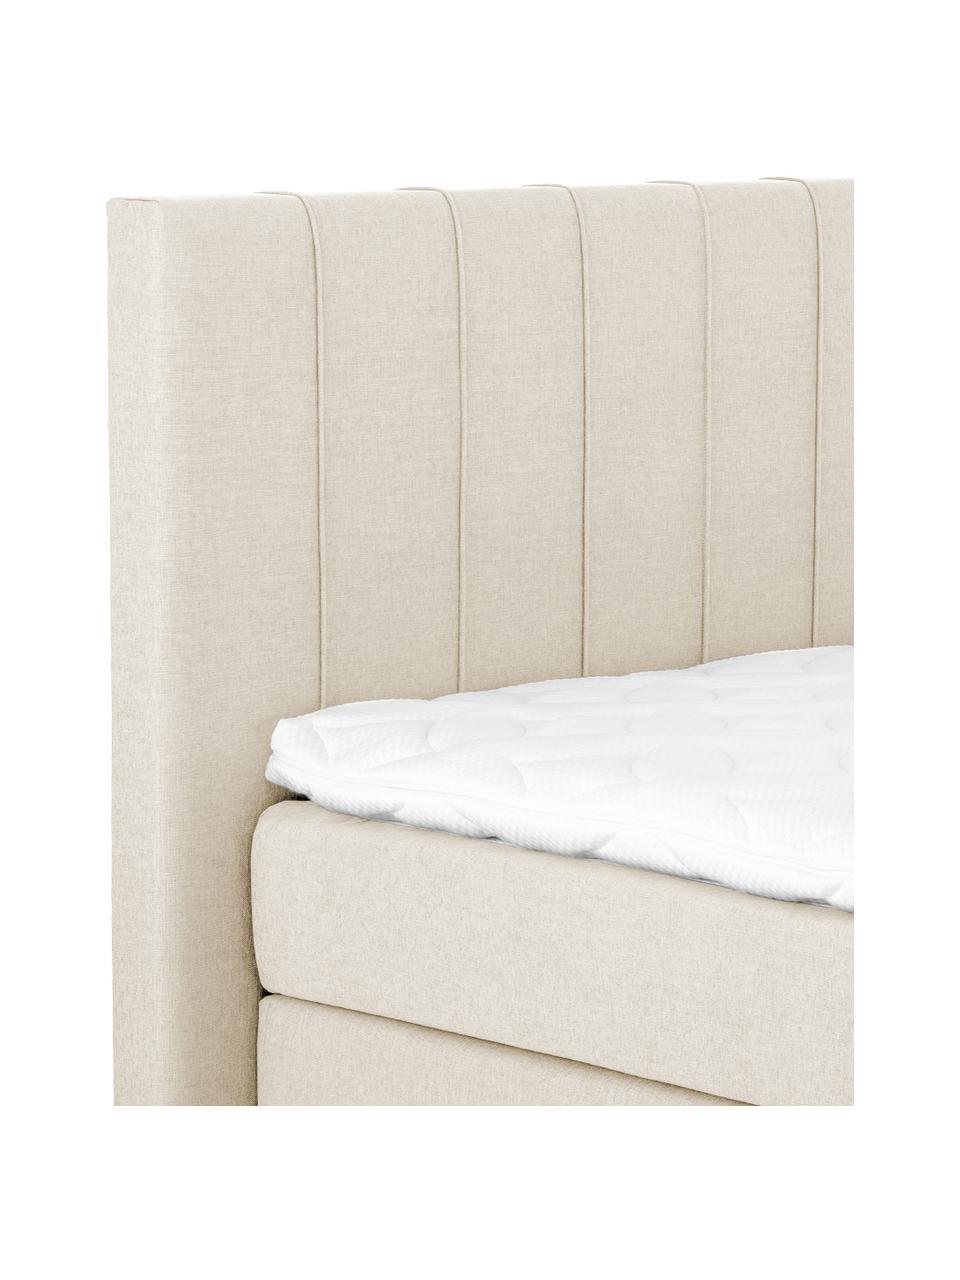 Premium Boxspringbett Lacey in Beige, Matratze: 7-Zonen-Taschenfederkern , Füße: Massives Buchenholz, lack, Webstoff Beige, 160 x 200 cm